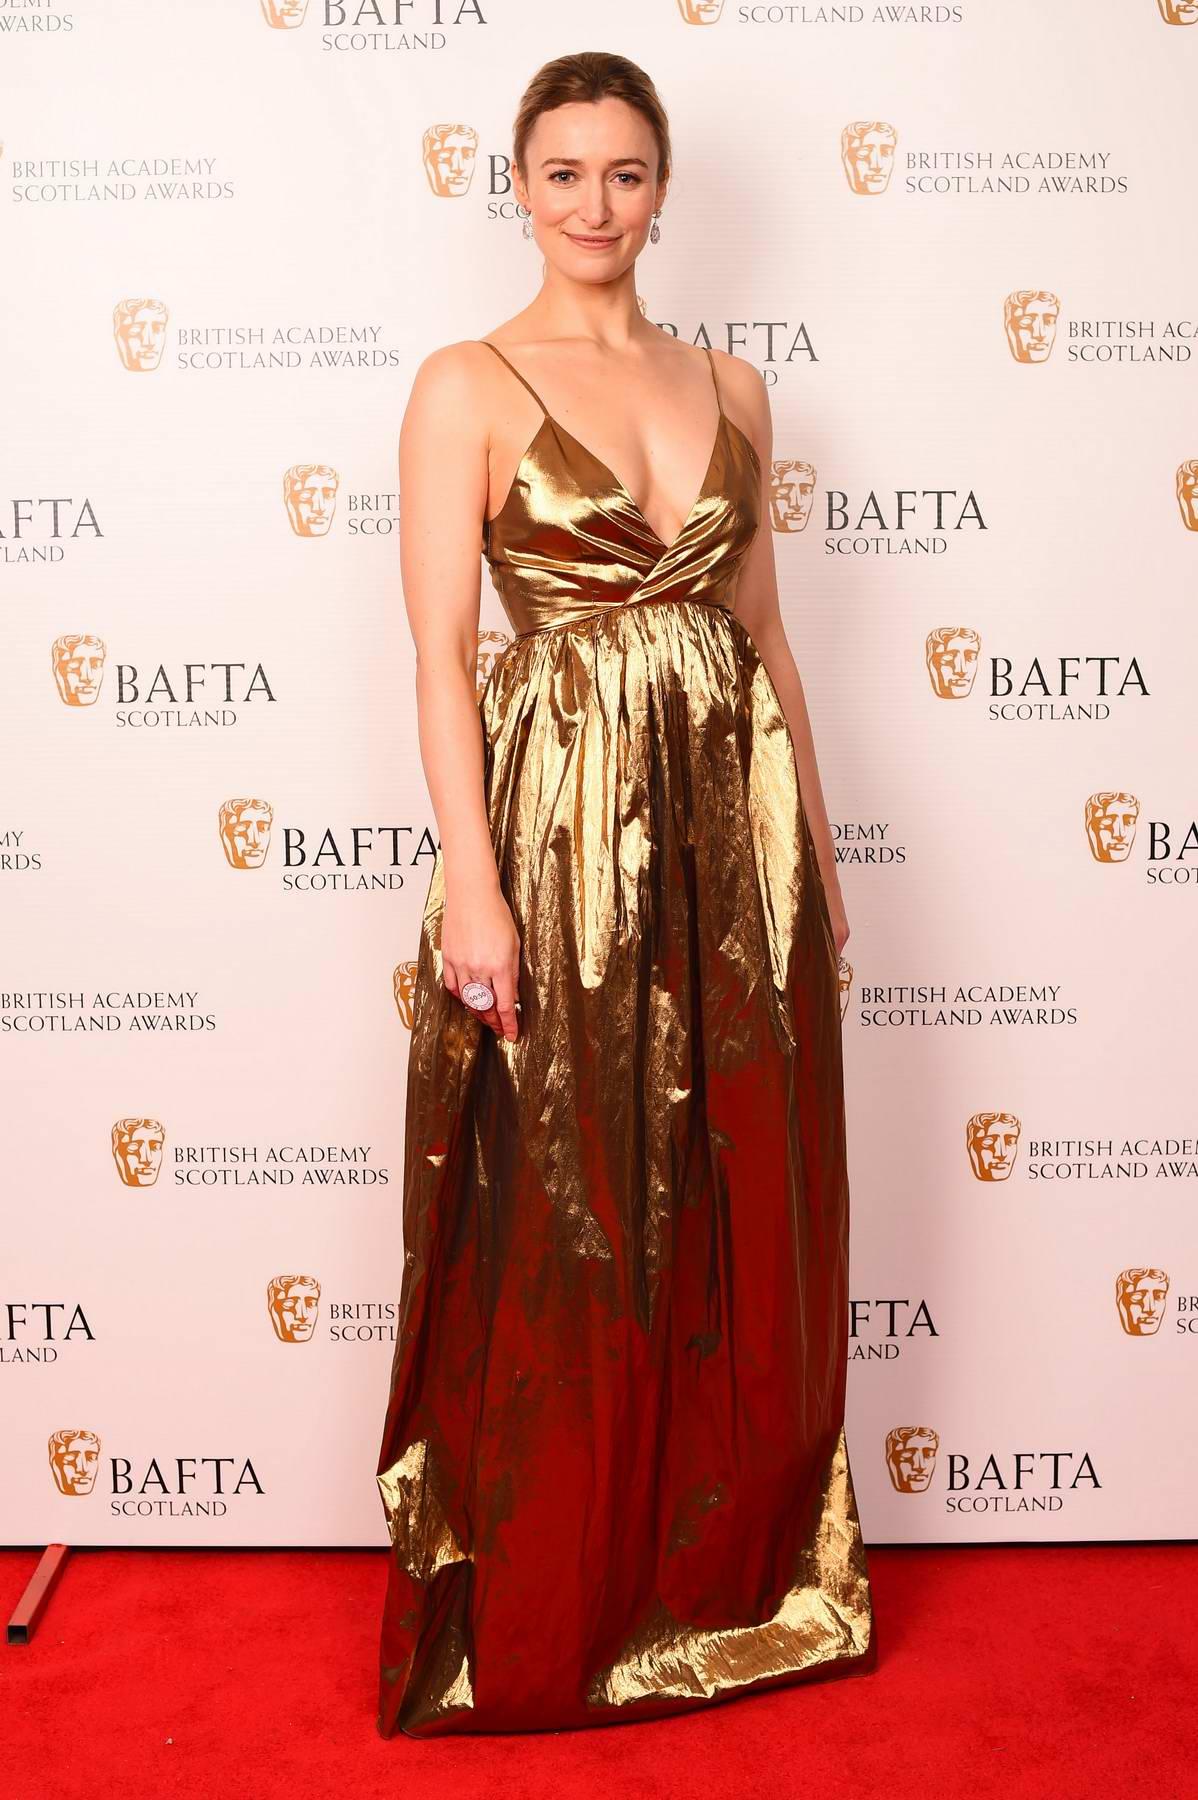 Deirdre Mullins at the British Academy Scotland Awards in Glasgow, Scotland